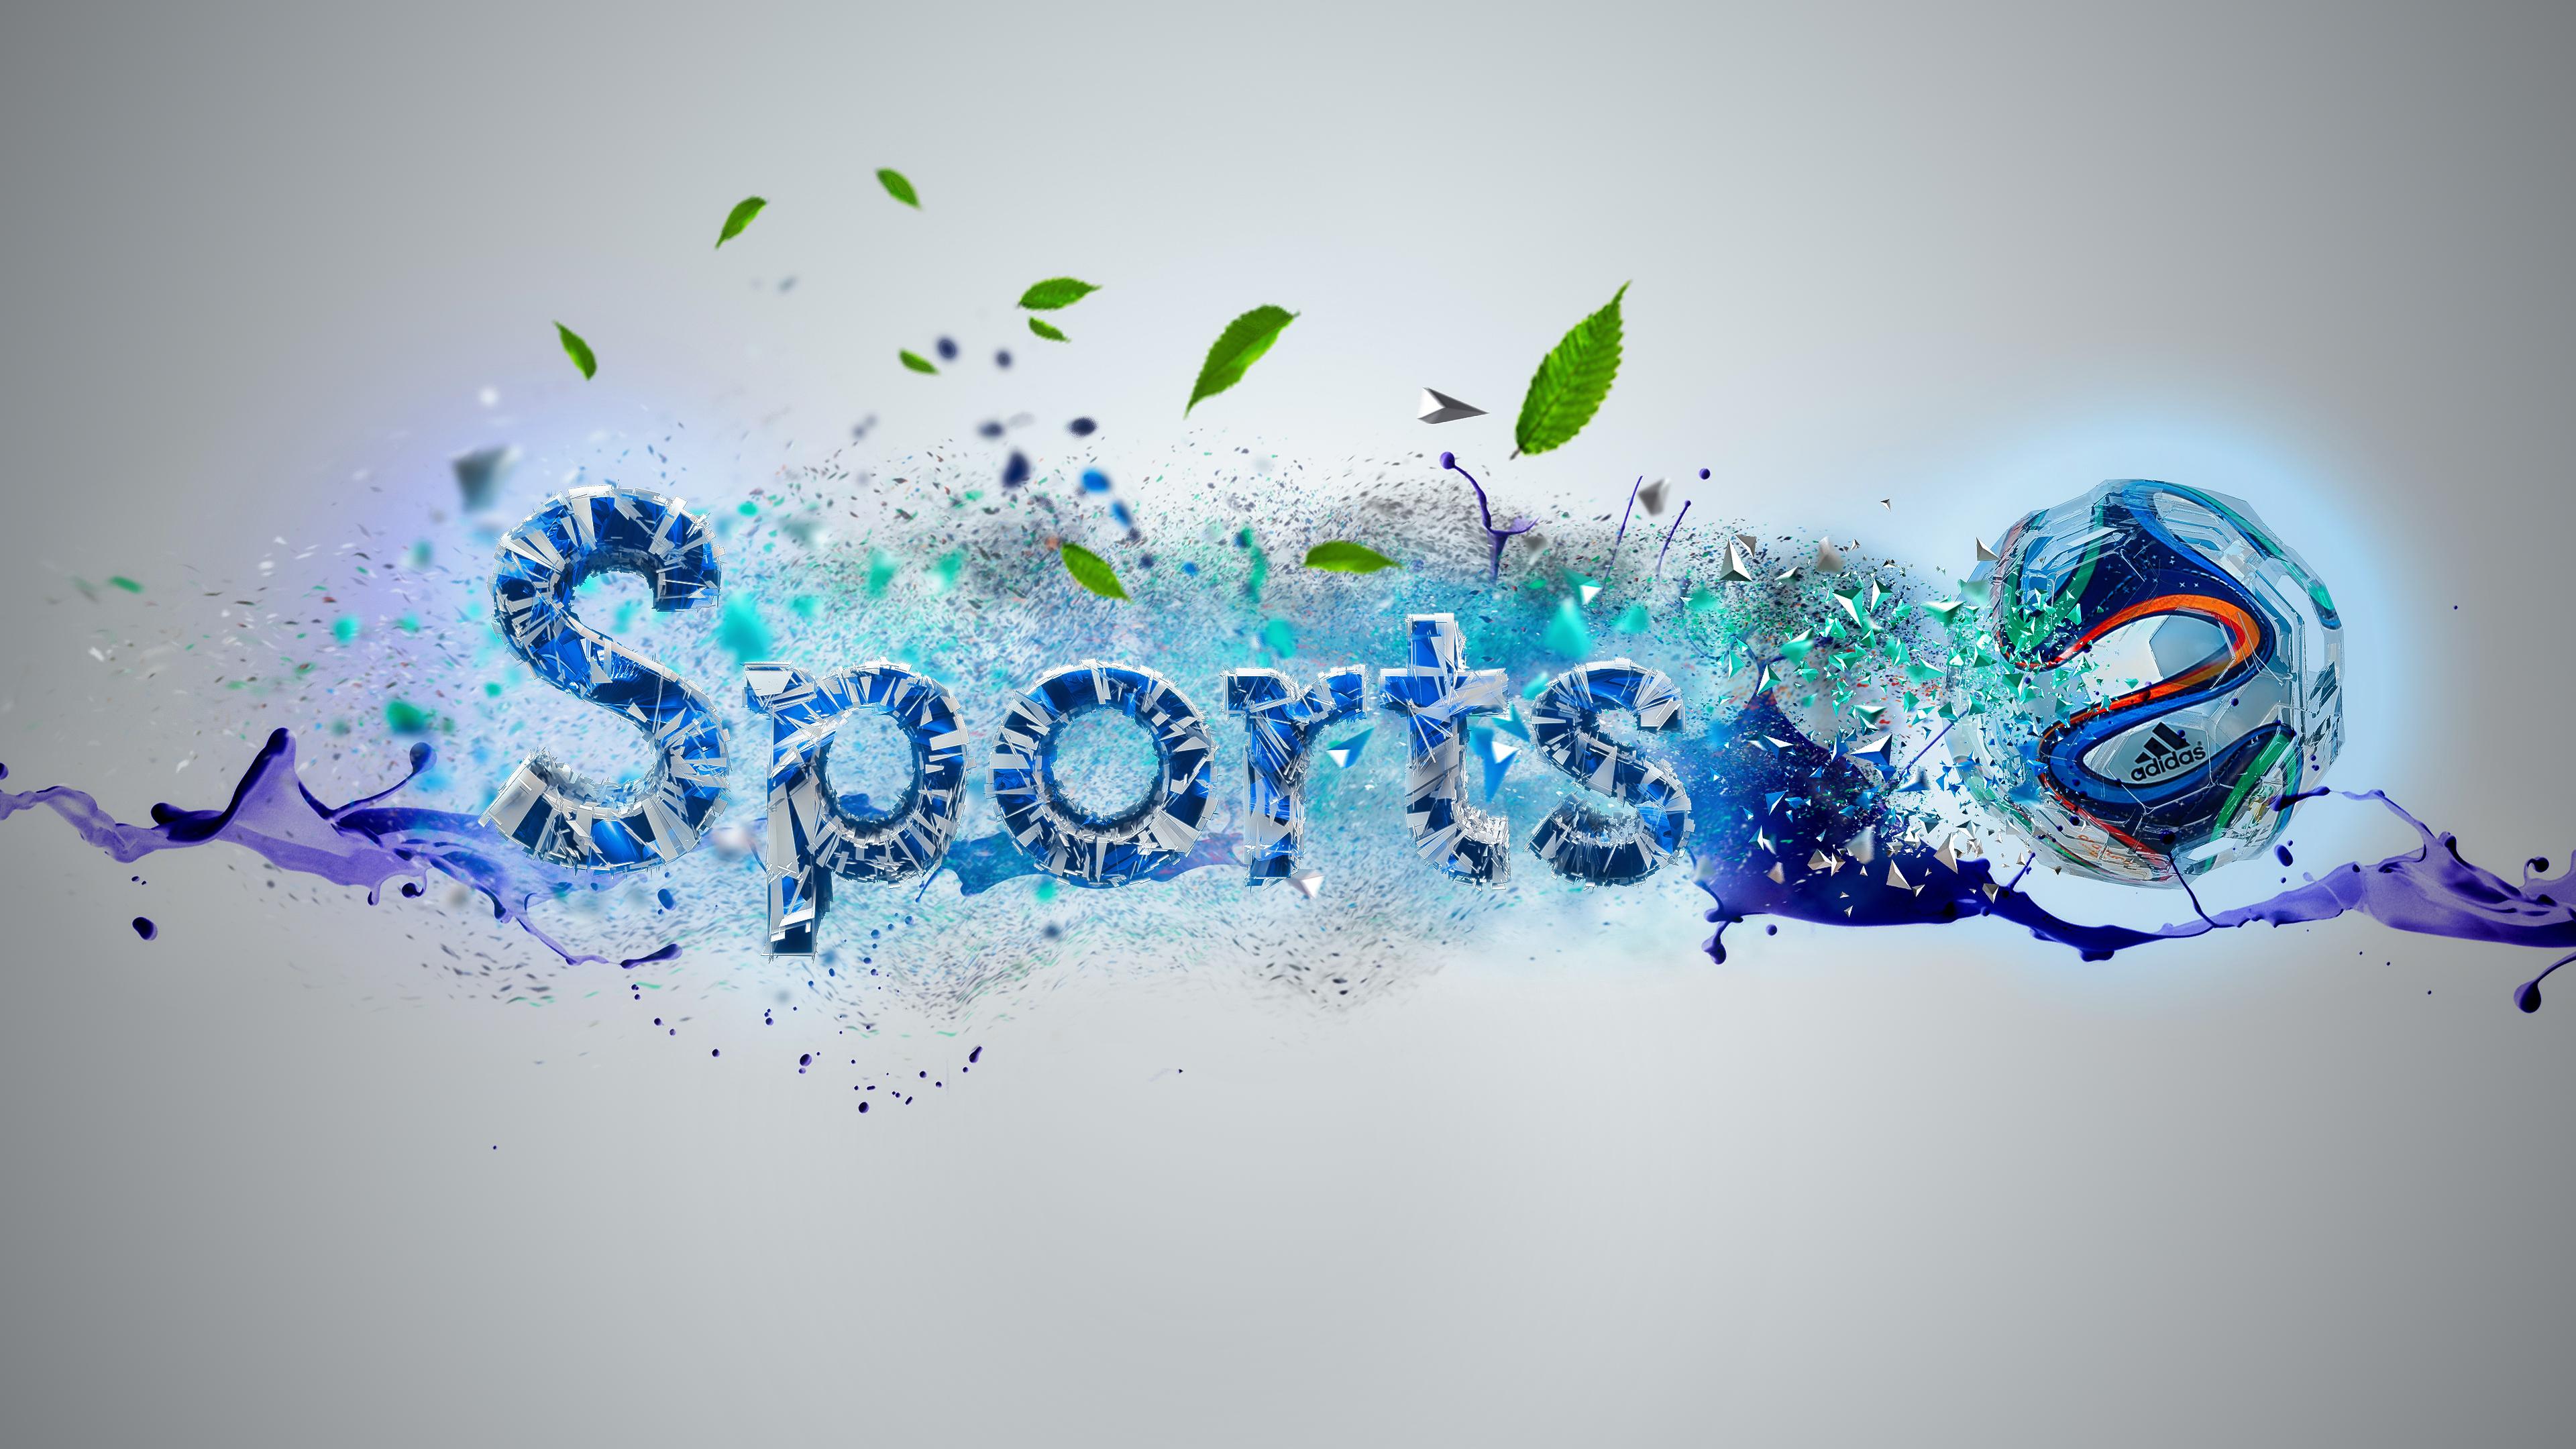 Soccer: Sport, Digital Art, Soccer